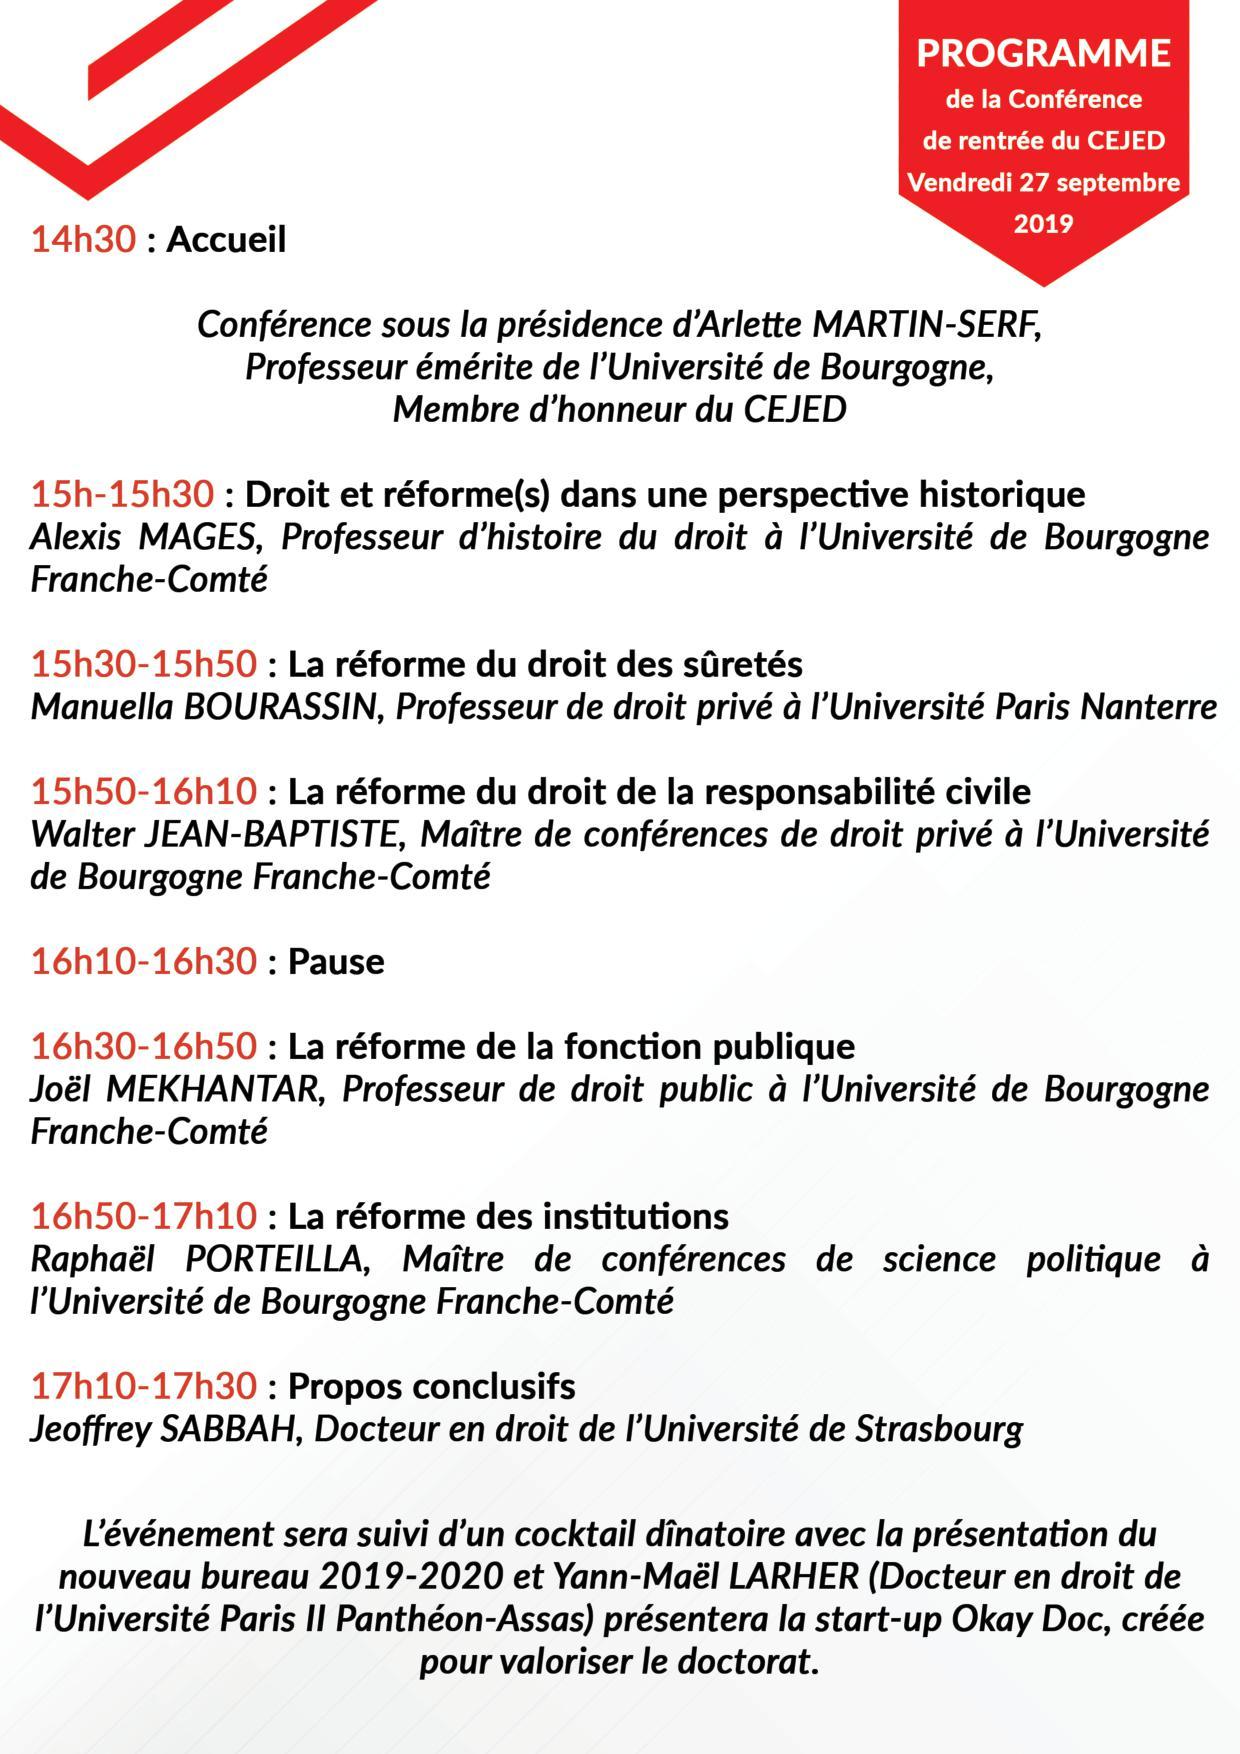 Conférence de rentrée du CEJED2